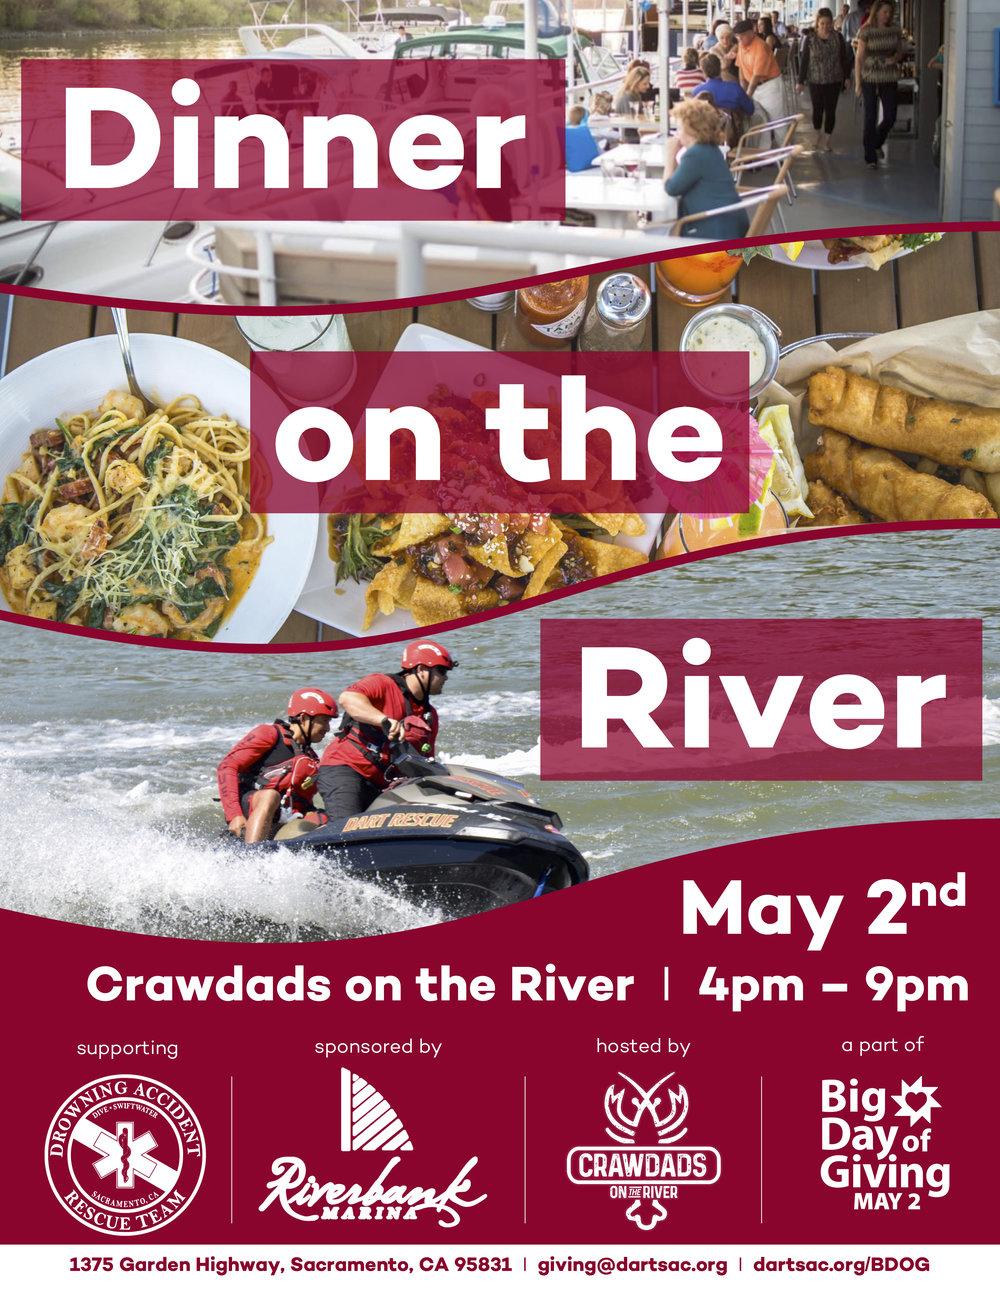 Dinner on the River Flyer (1).jpg